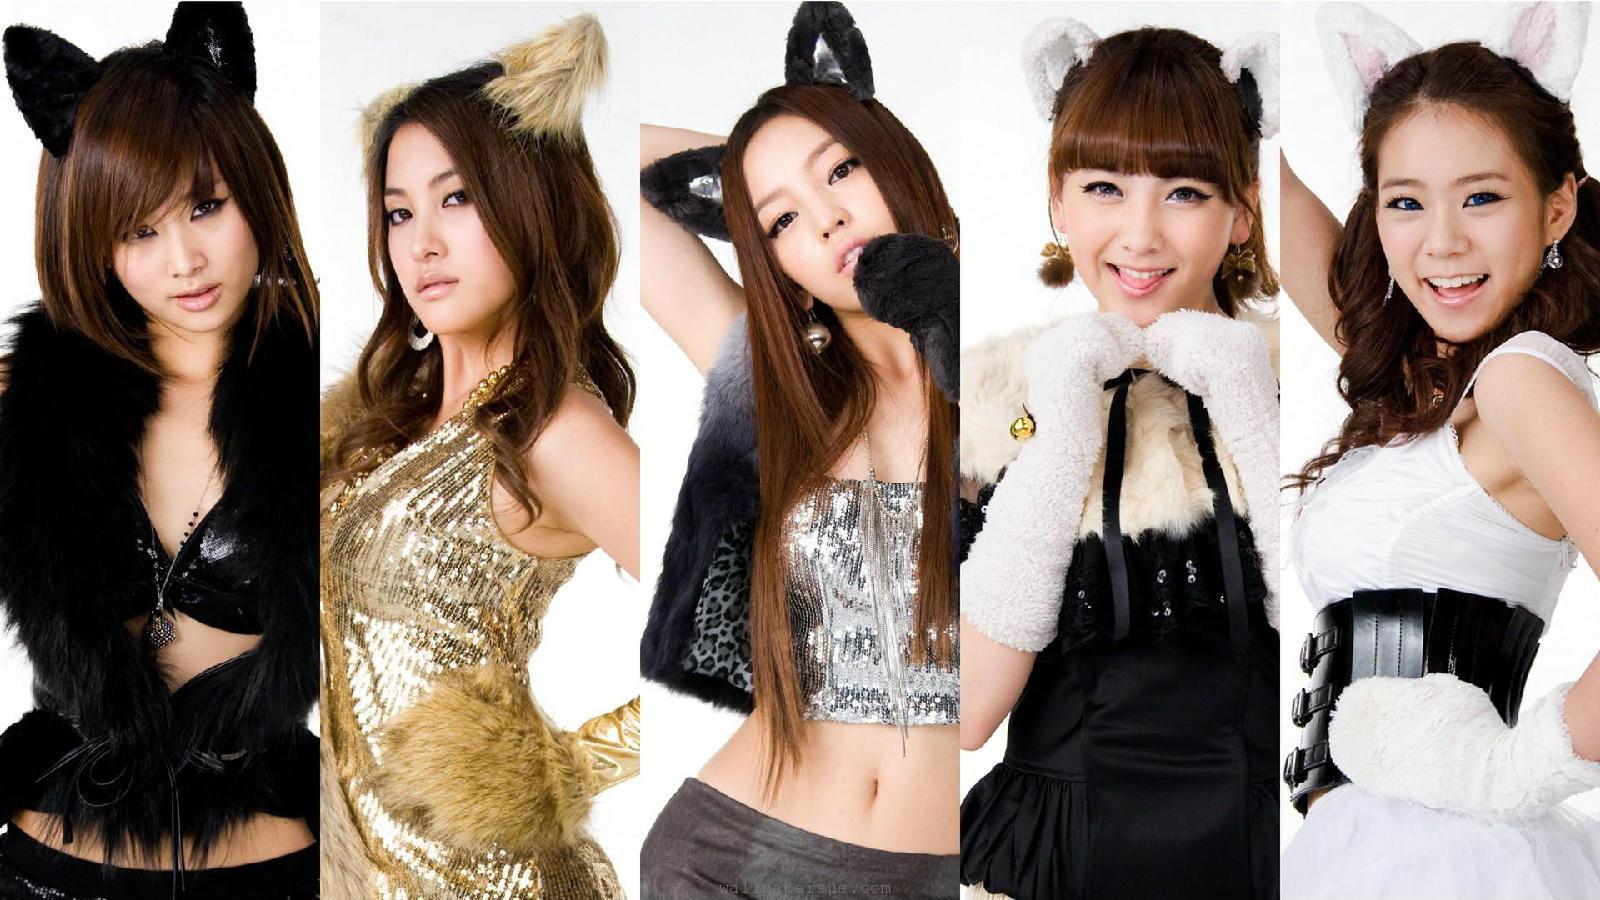 kara 韩国美女组合